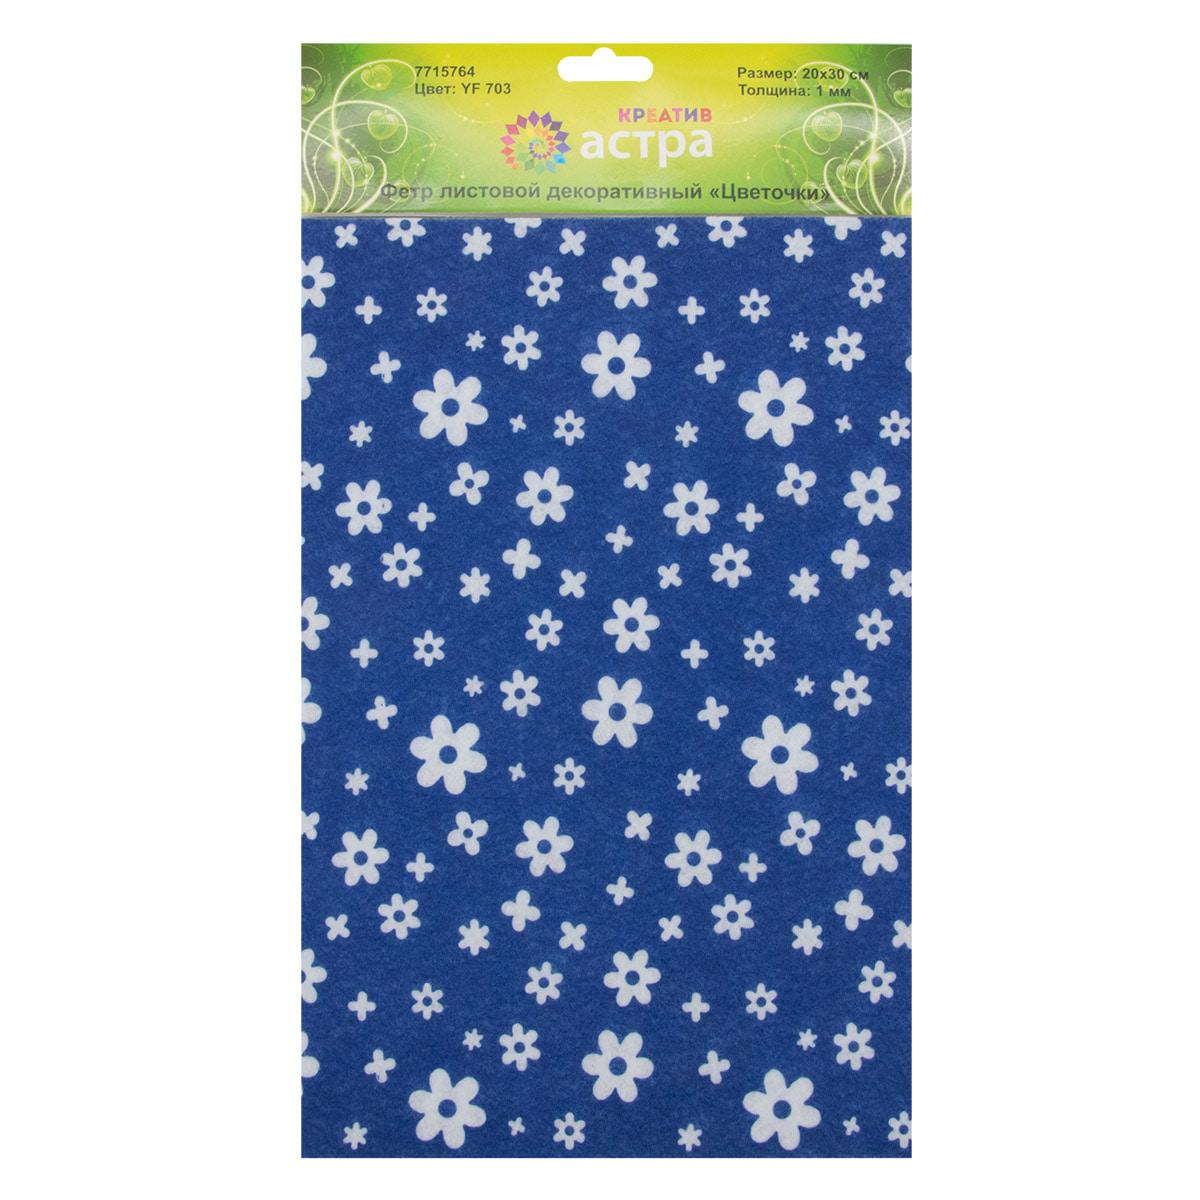 Фетр листовой декоративный 'Цветочки' Астра, 1,0мм, 180 гр, 20*30 см, 5 шт/упак